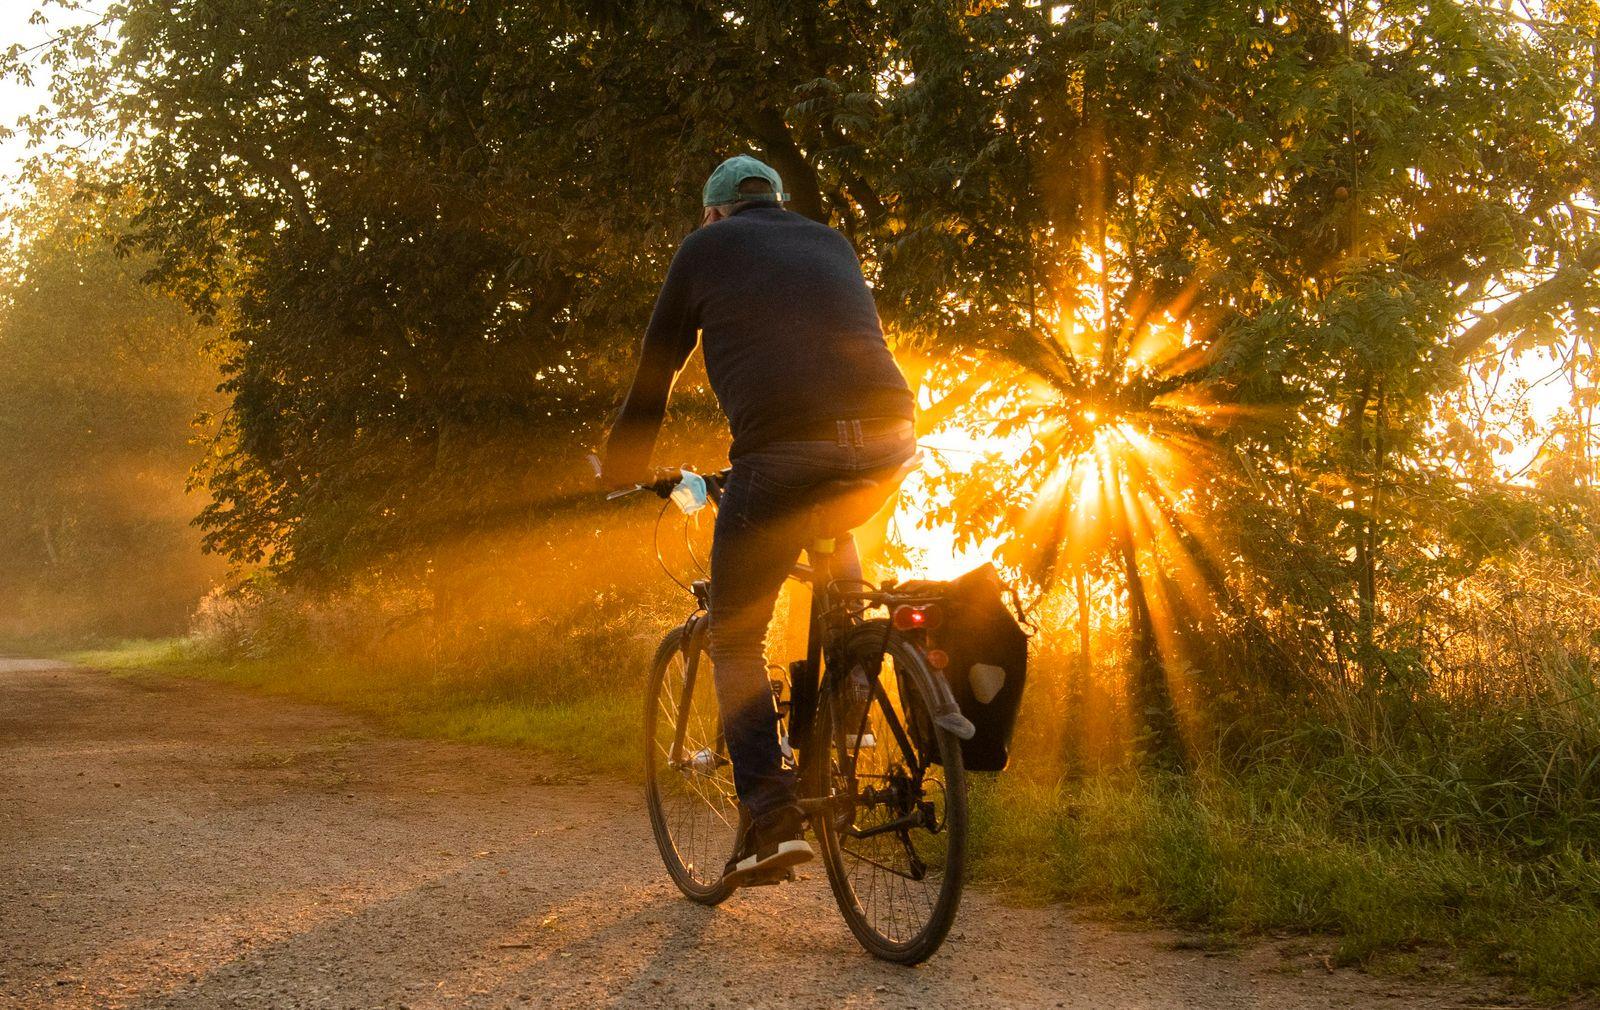 Goldener Septembermorgen in der Leinemasch